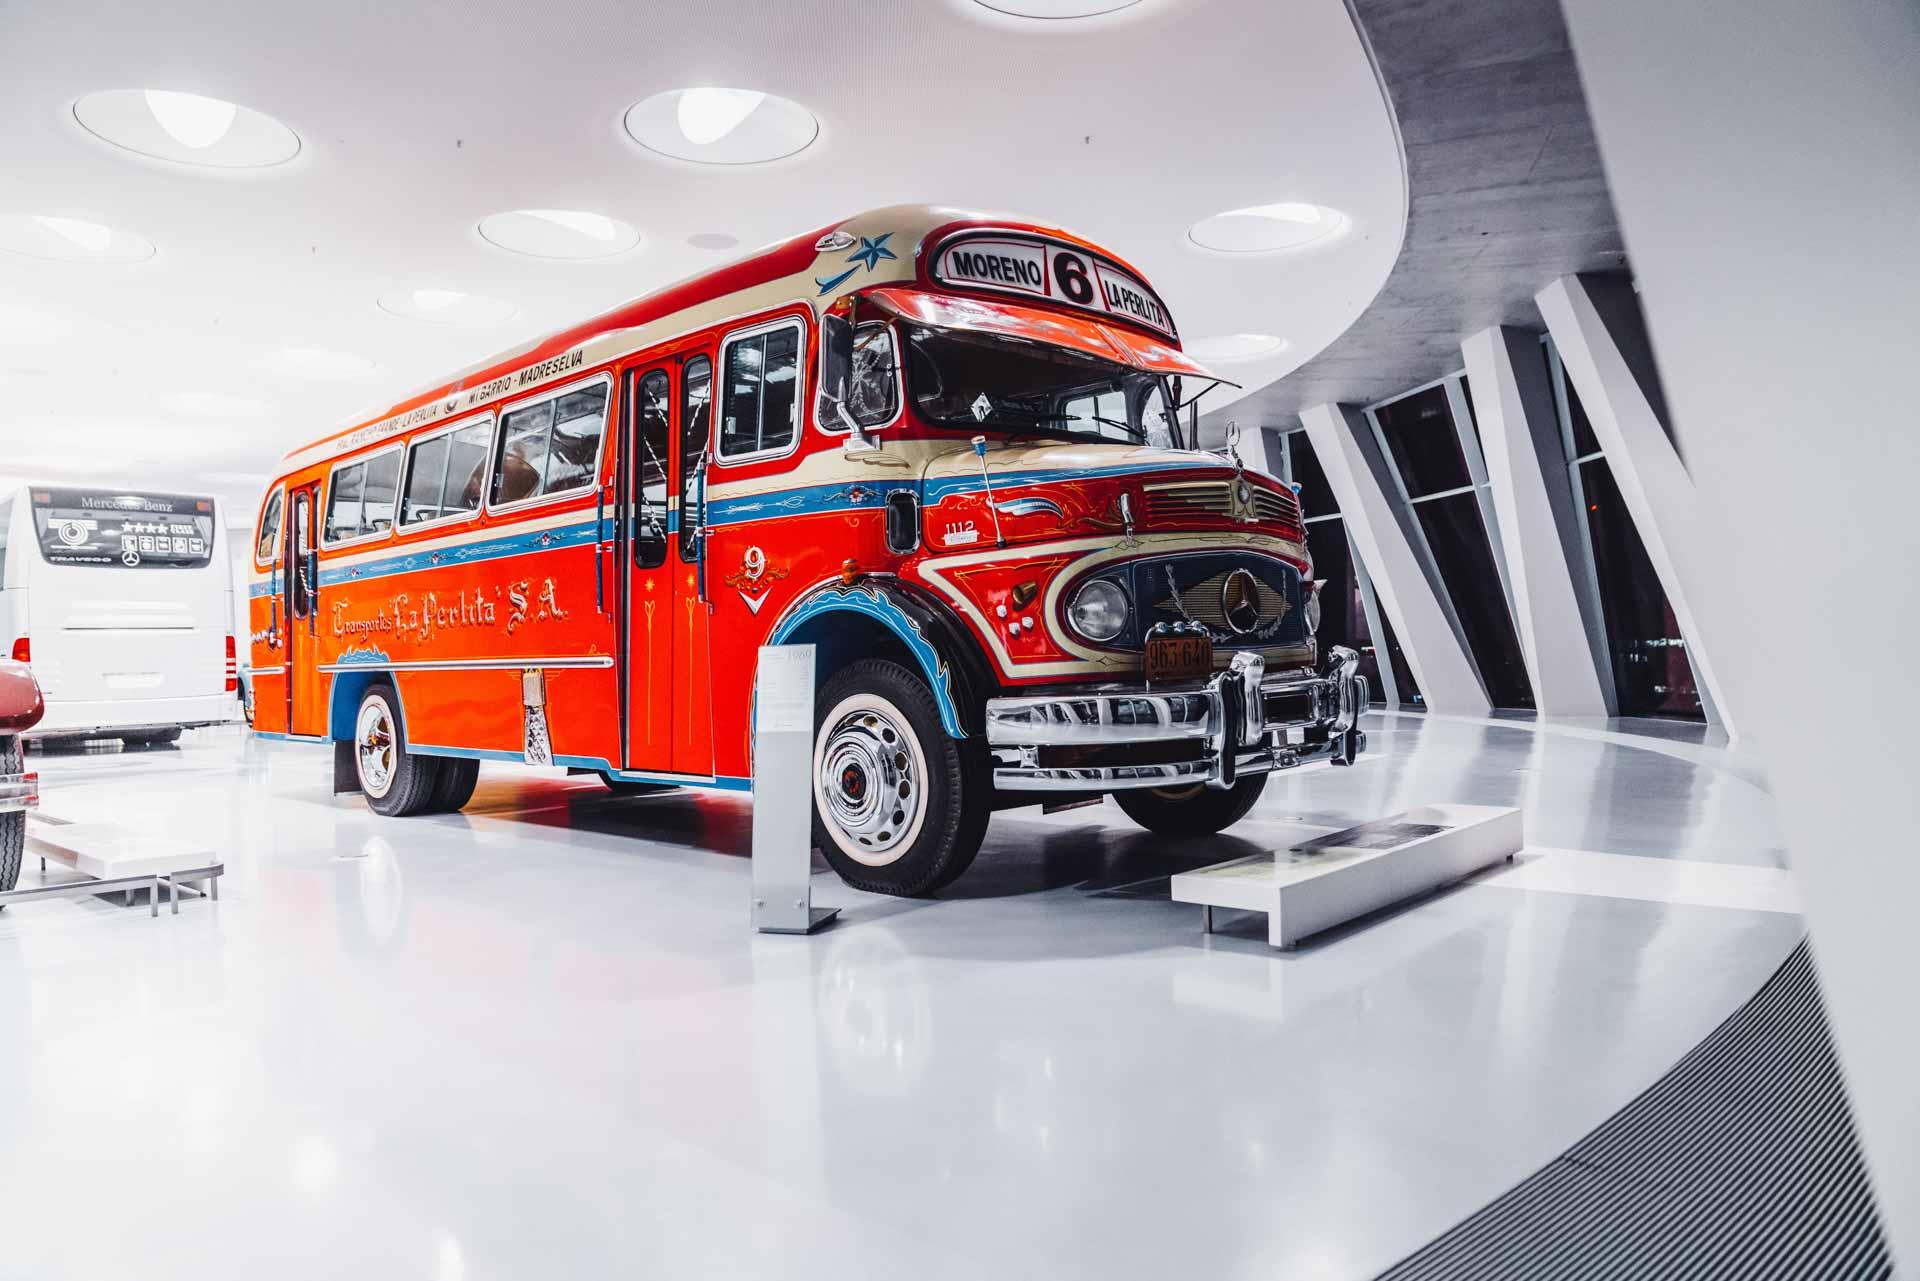 Mercedes-Benz Omnibus LO 1112 aus dem Jahr 1969, farbenfroh lackiert für den Einsatz in Buenos Aires. Exponat der Dauerausstellung im Mercedes-Benz Museum, Raum Collection 1 – Galerie der Reisen.